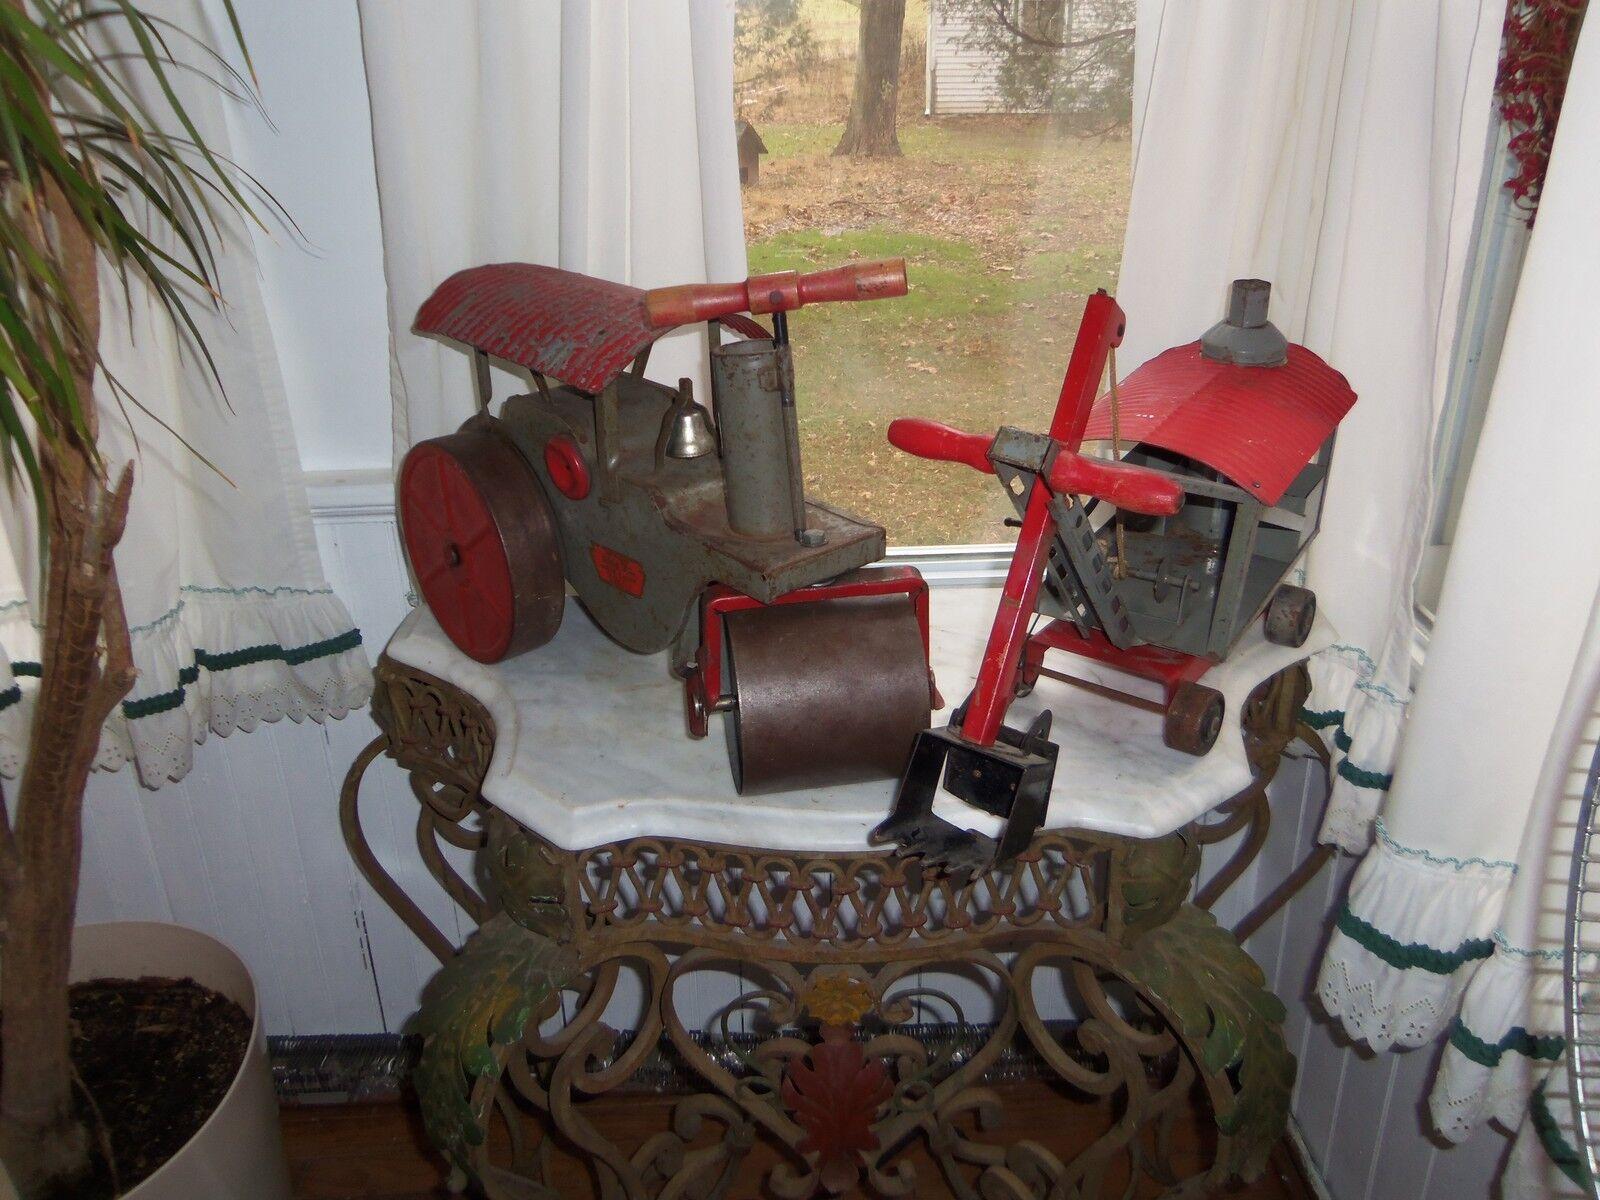 Deux pc. C. années 1920 Keystone Ride Em Steam Roller et Ride Em vapeur Pelle